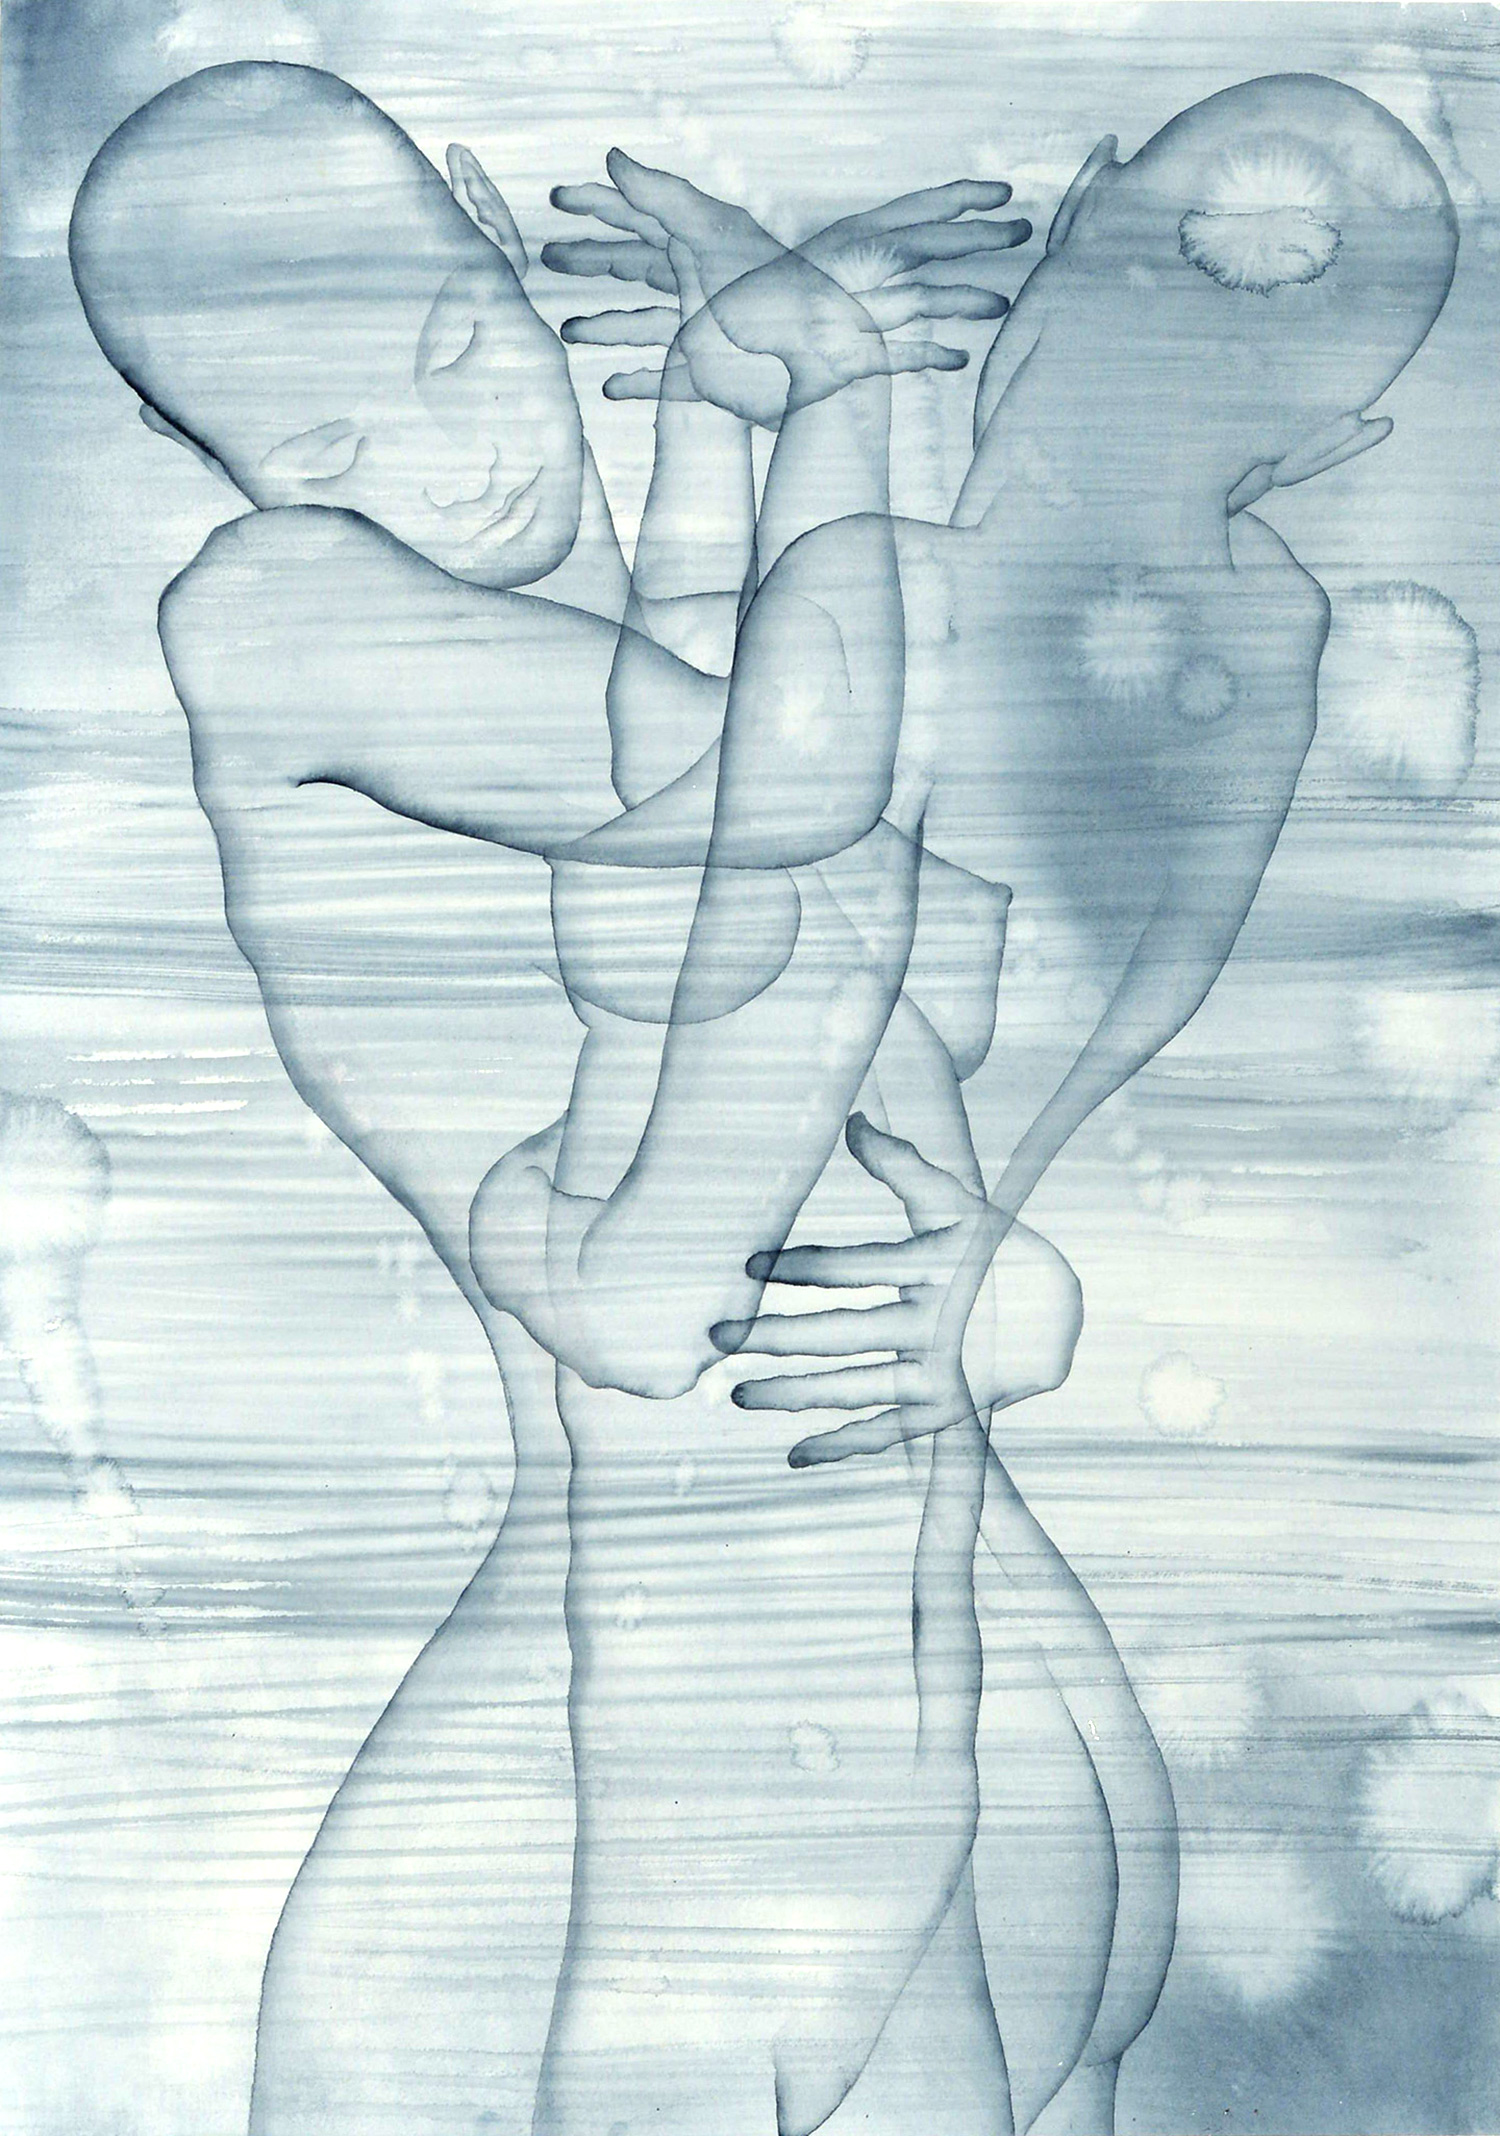 Stefano Bolzano, Corpo e coscienza, acquerello su carta, 48x69 cm, 2020.